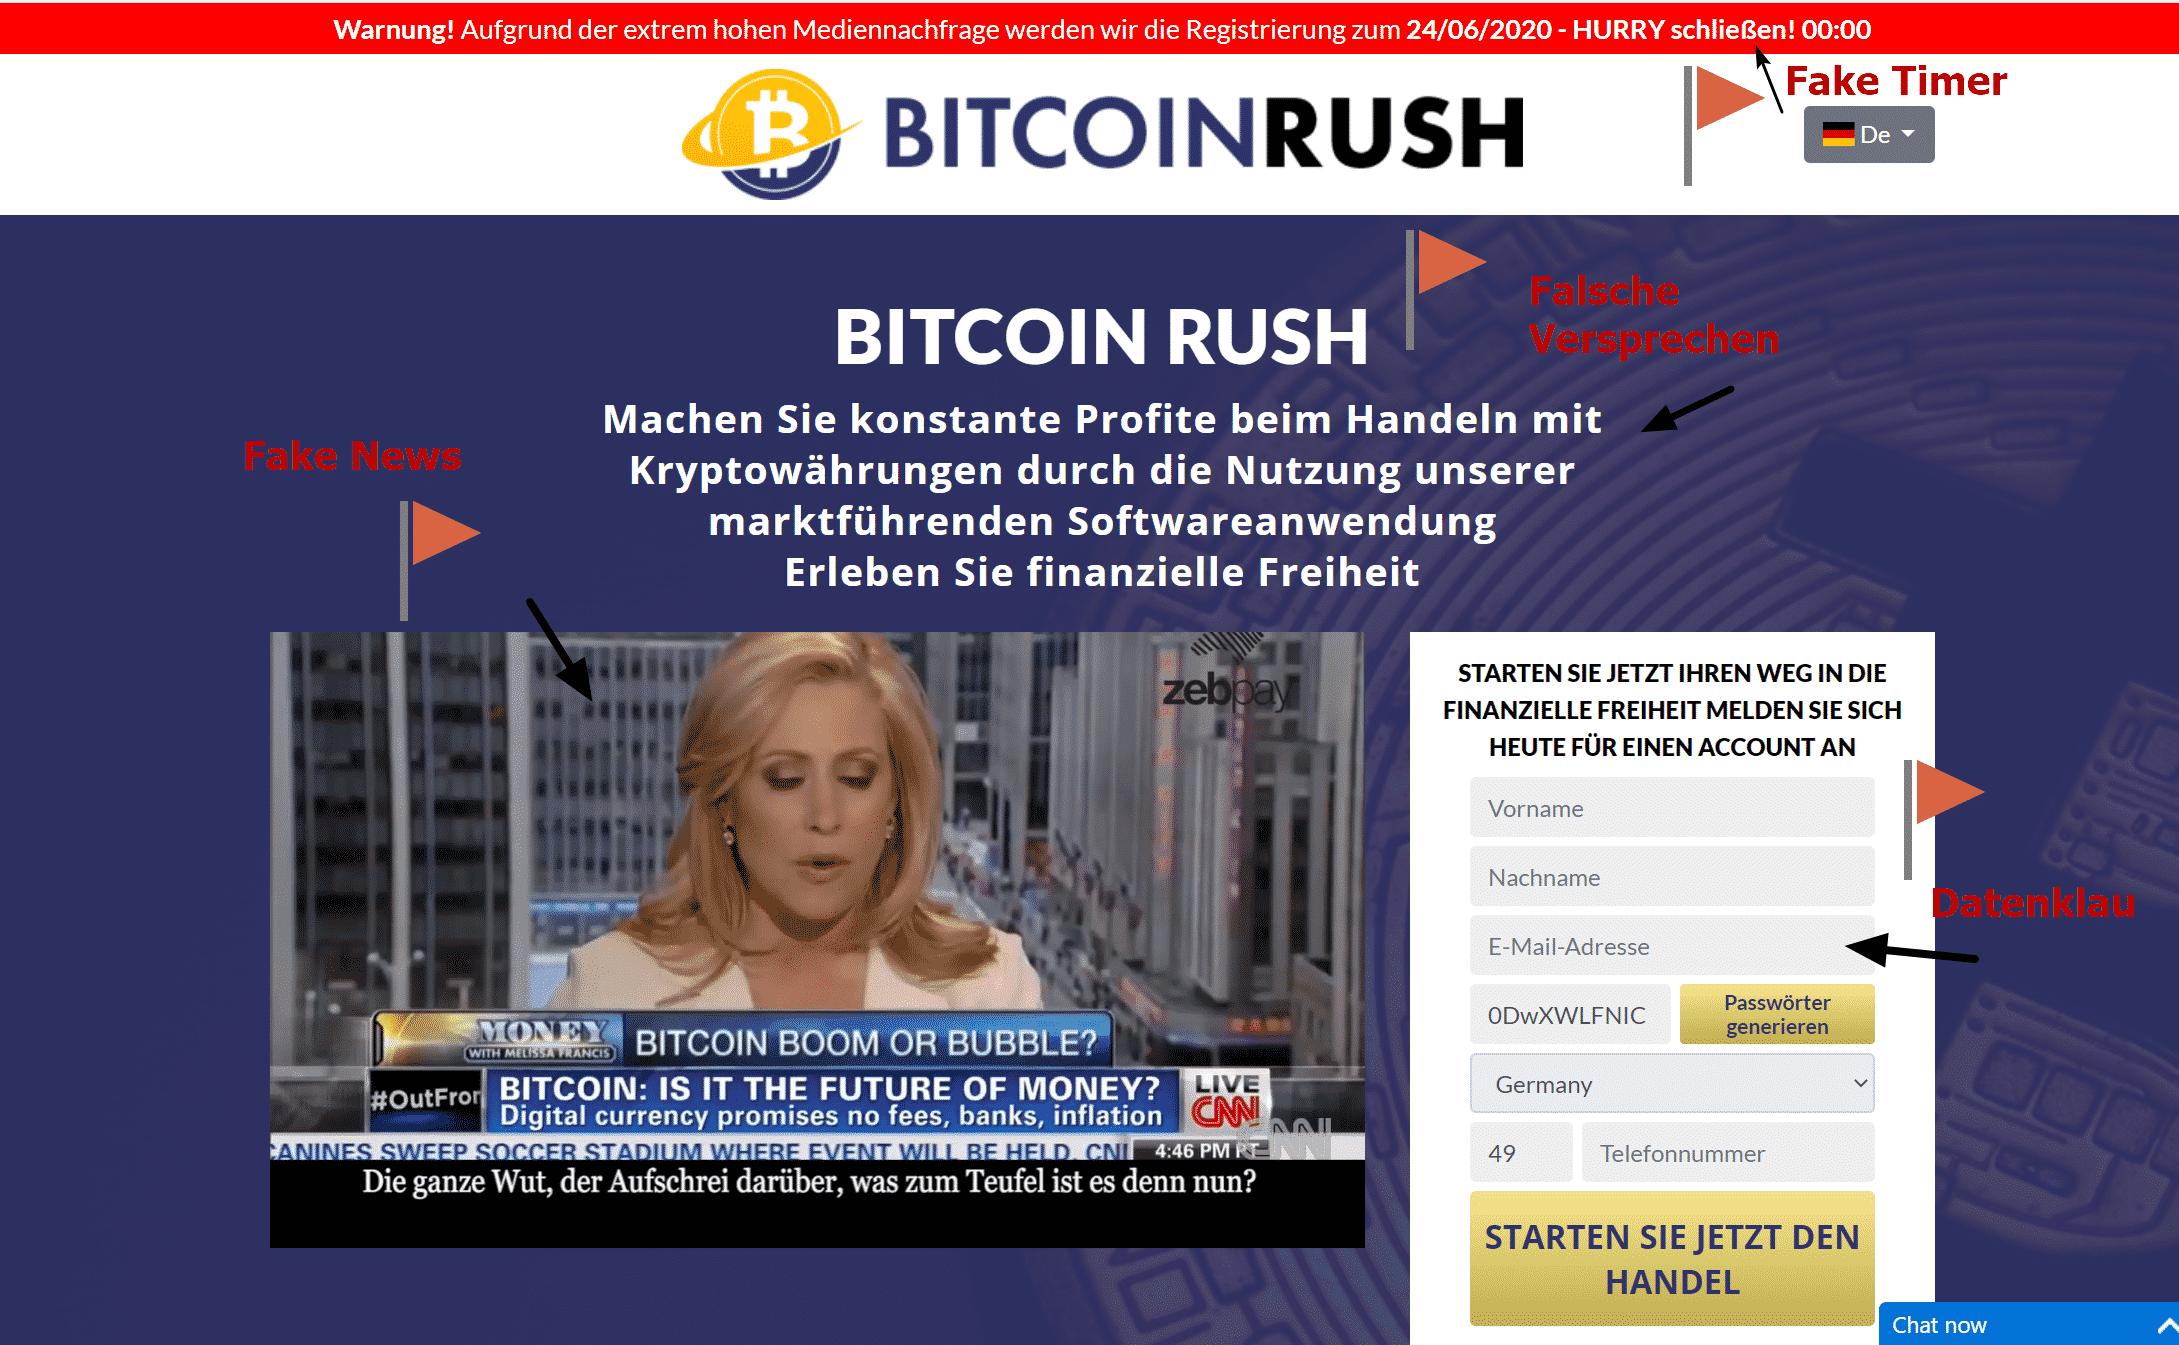 legitime möglichkeiten geld von zu hause aus kanada zu verdienen bitcoin-händler robert lewandowski